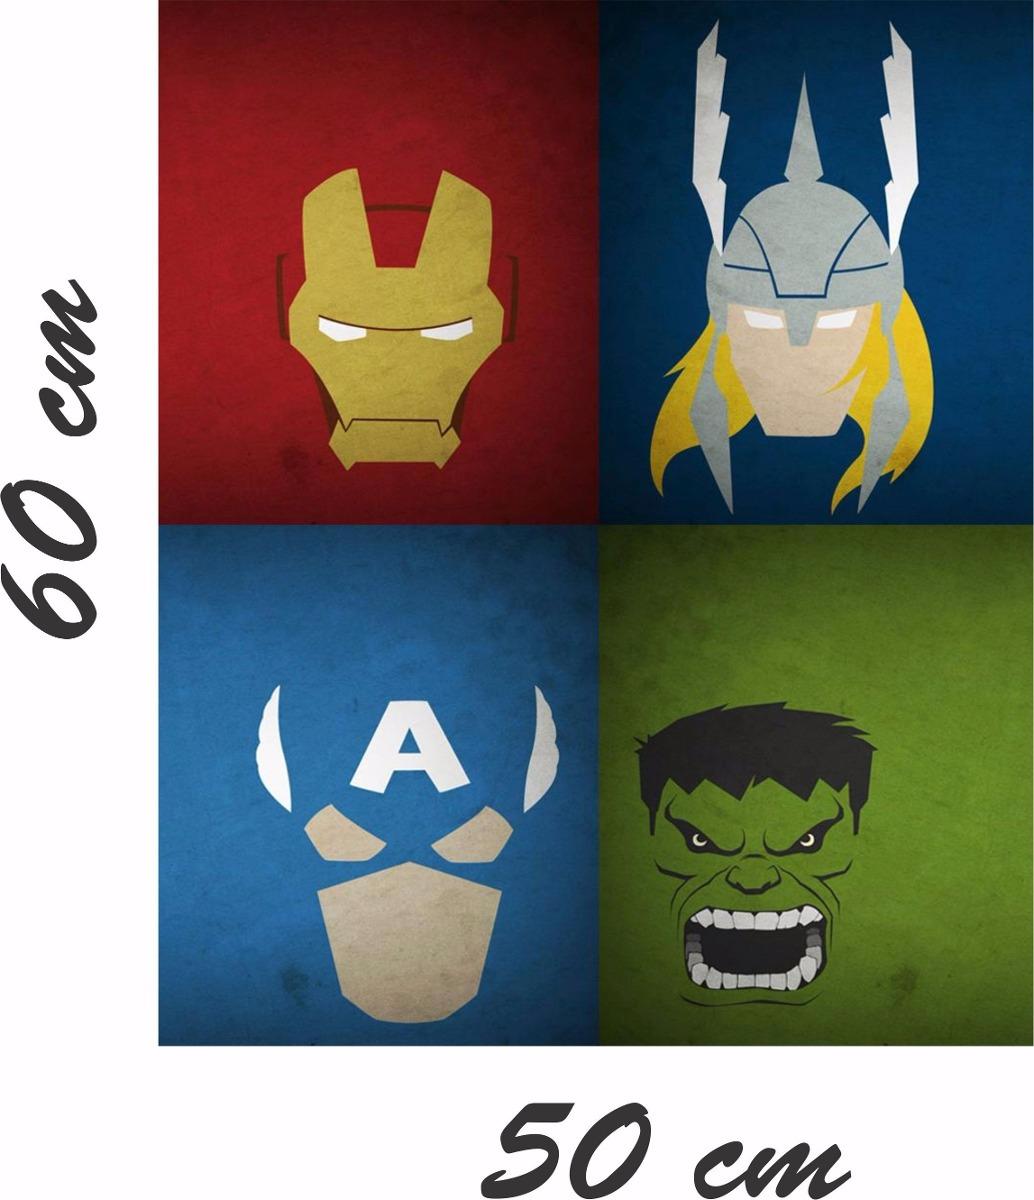 Adesivo De Quarto Infantil ~ Adesivo Parede Quarto Infantil Vingadores Hulk Thor Avengers R$ 29,99 em Mercado Livre